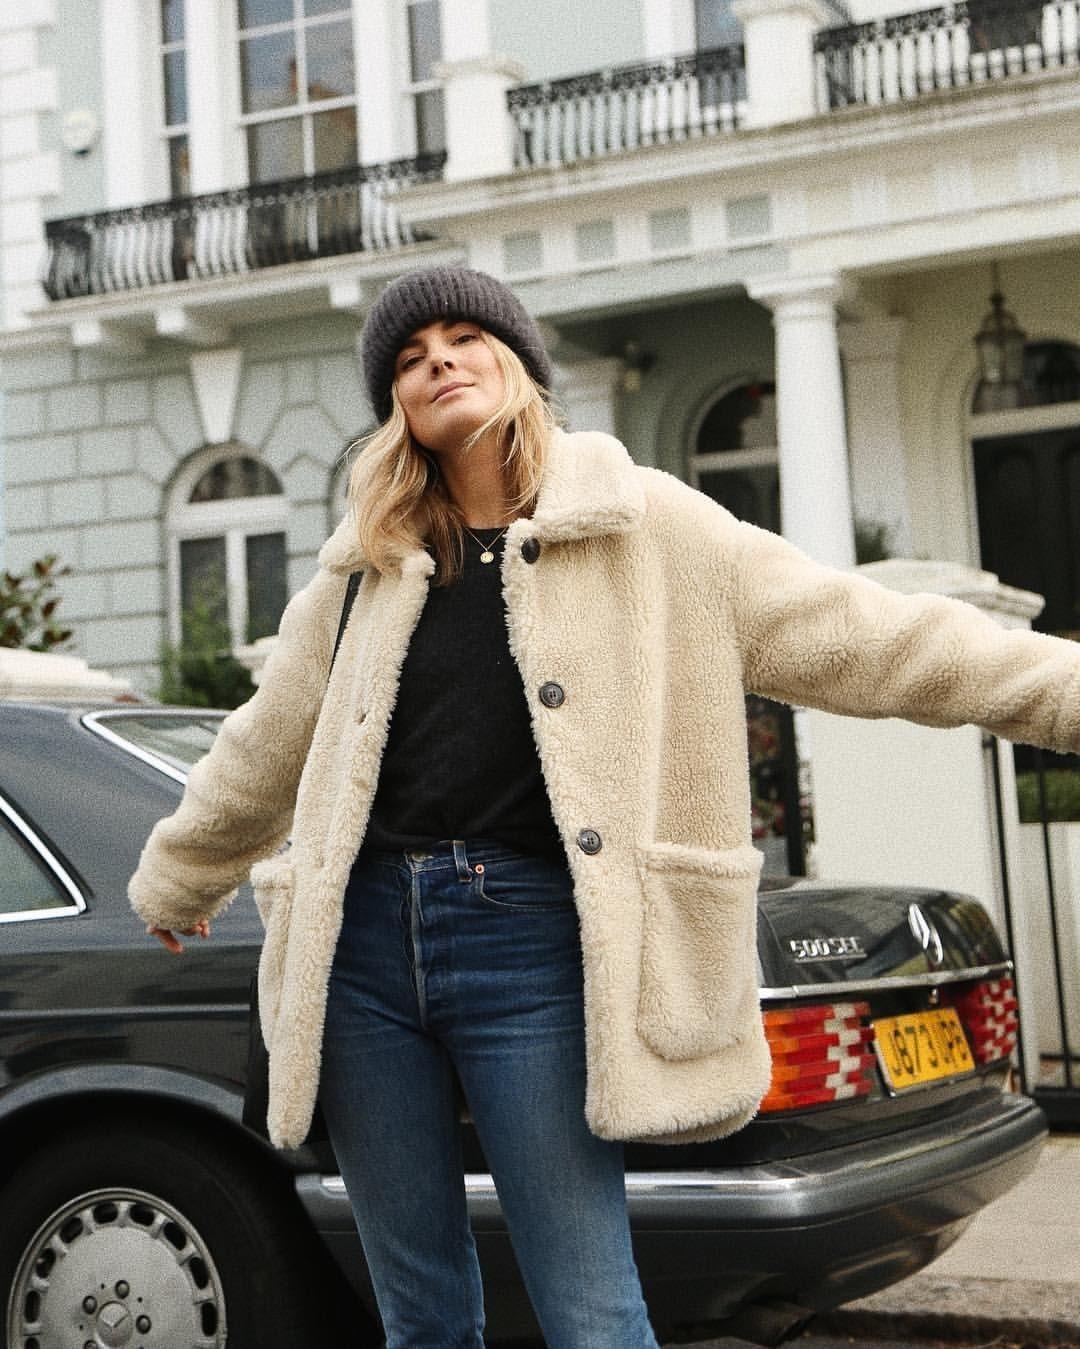 otoño martillo pasos  Tendencias de moda Otoño-Invierno 2018/2019: la invasión de las chaquetas  tipo borrego ha llegado